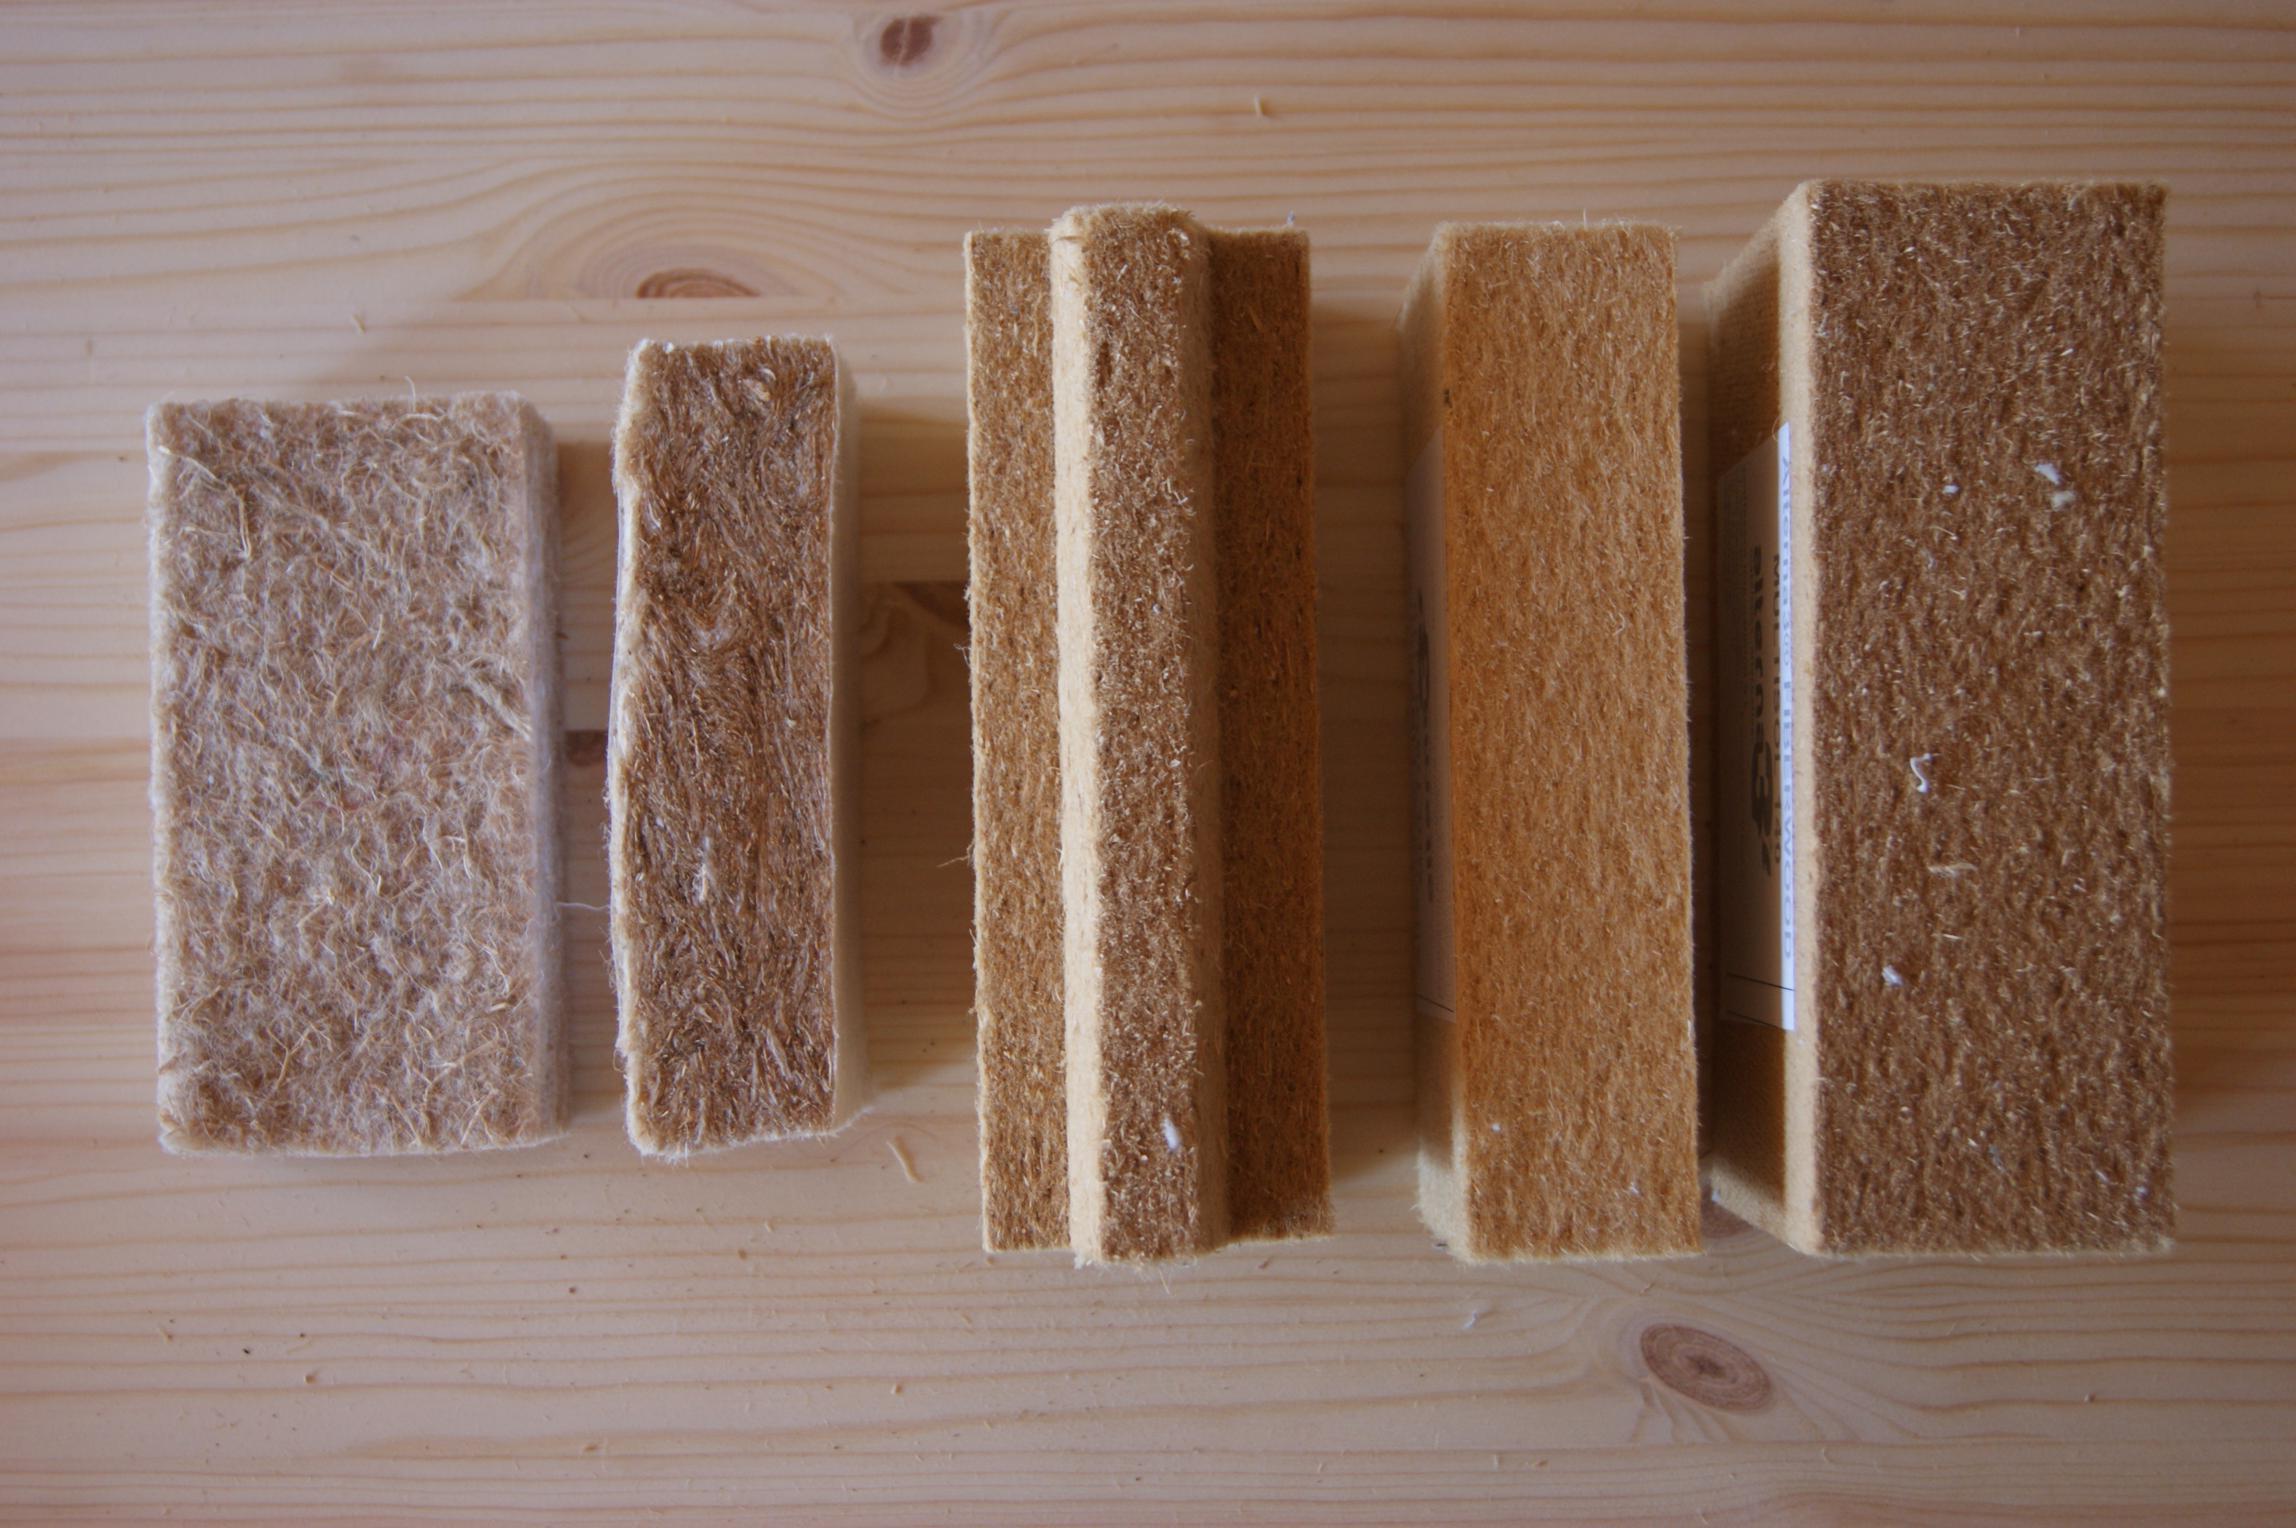 taulers de fibra de fusta